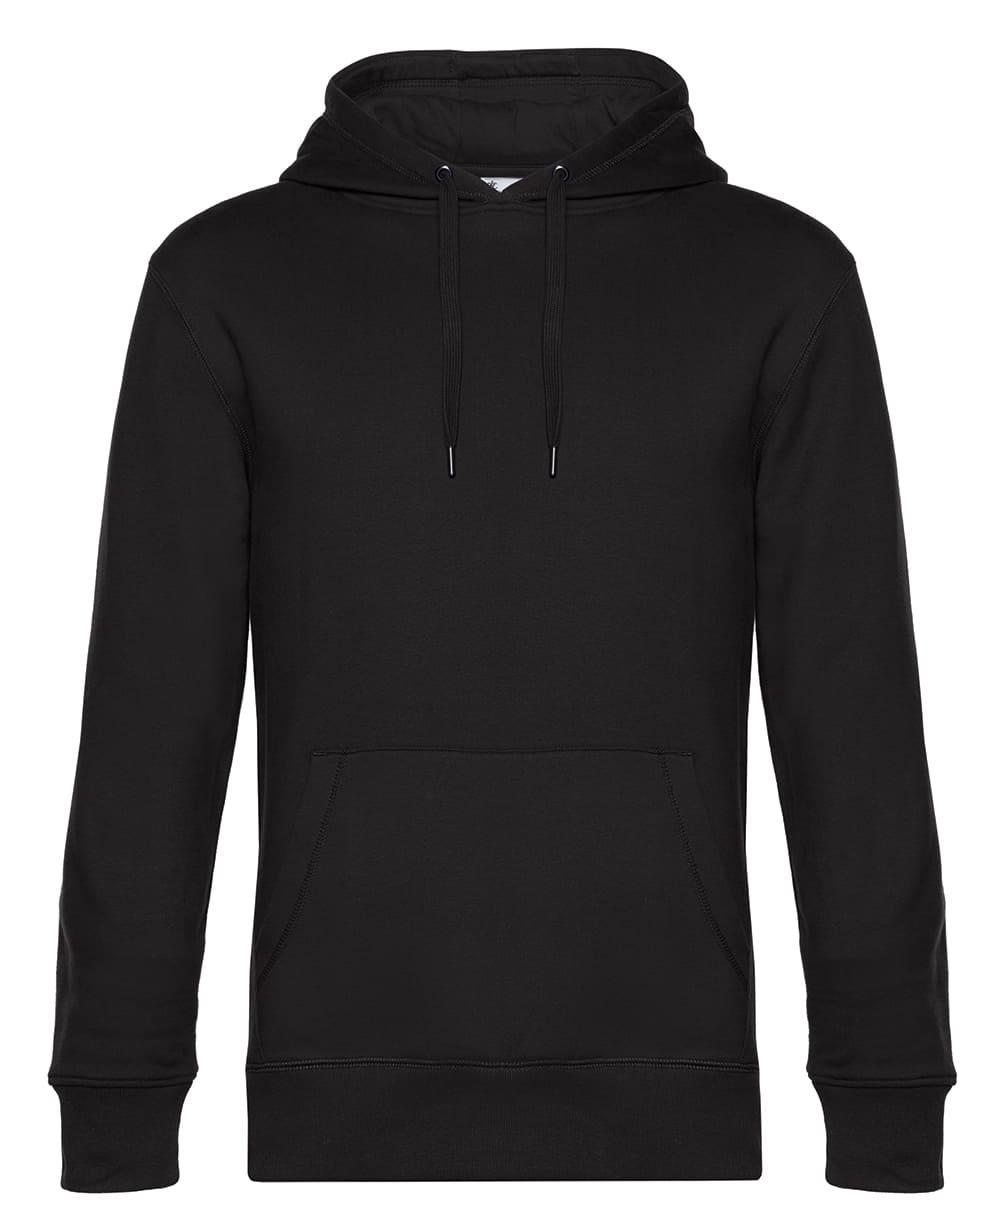 Hoodie & Kapuzen Pullover für Männer